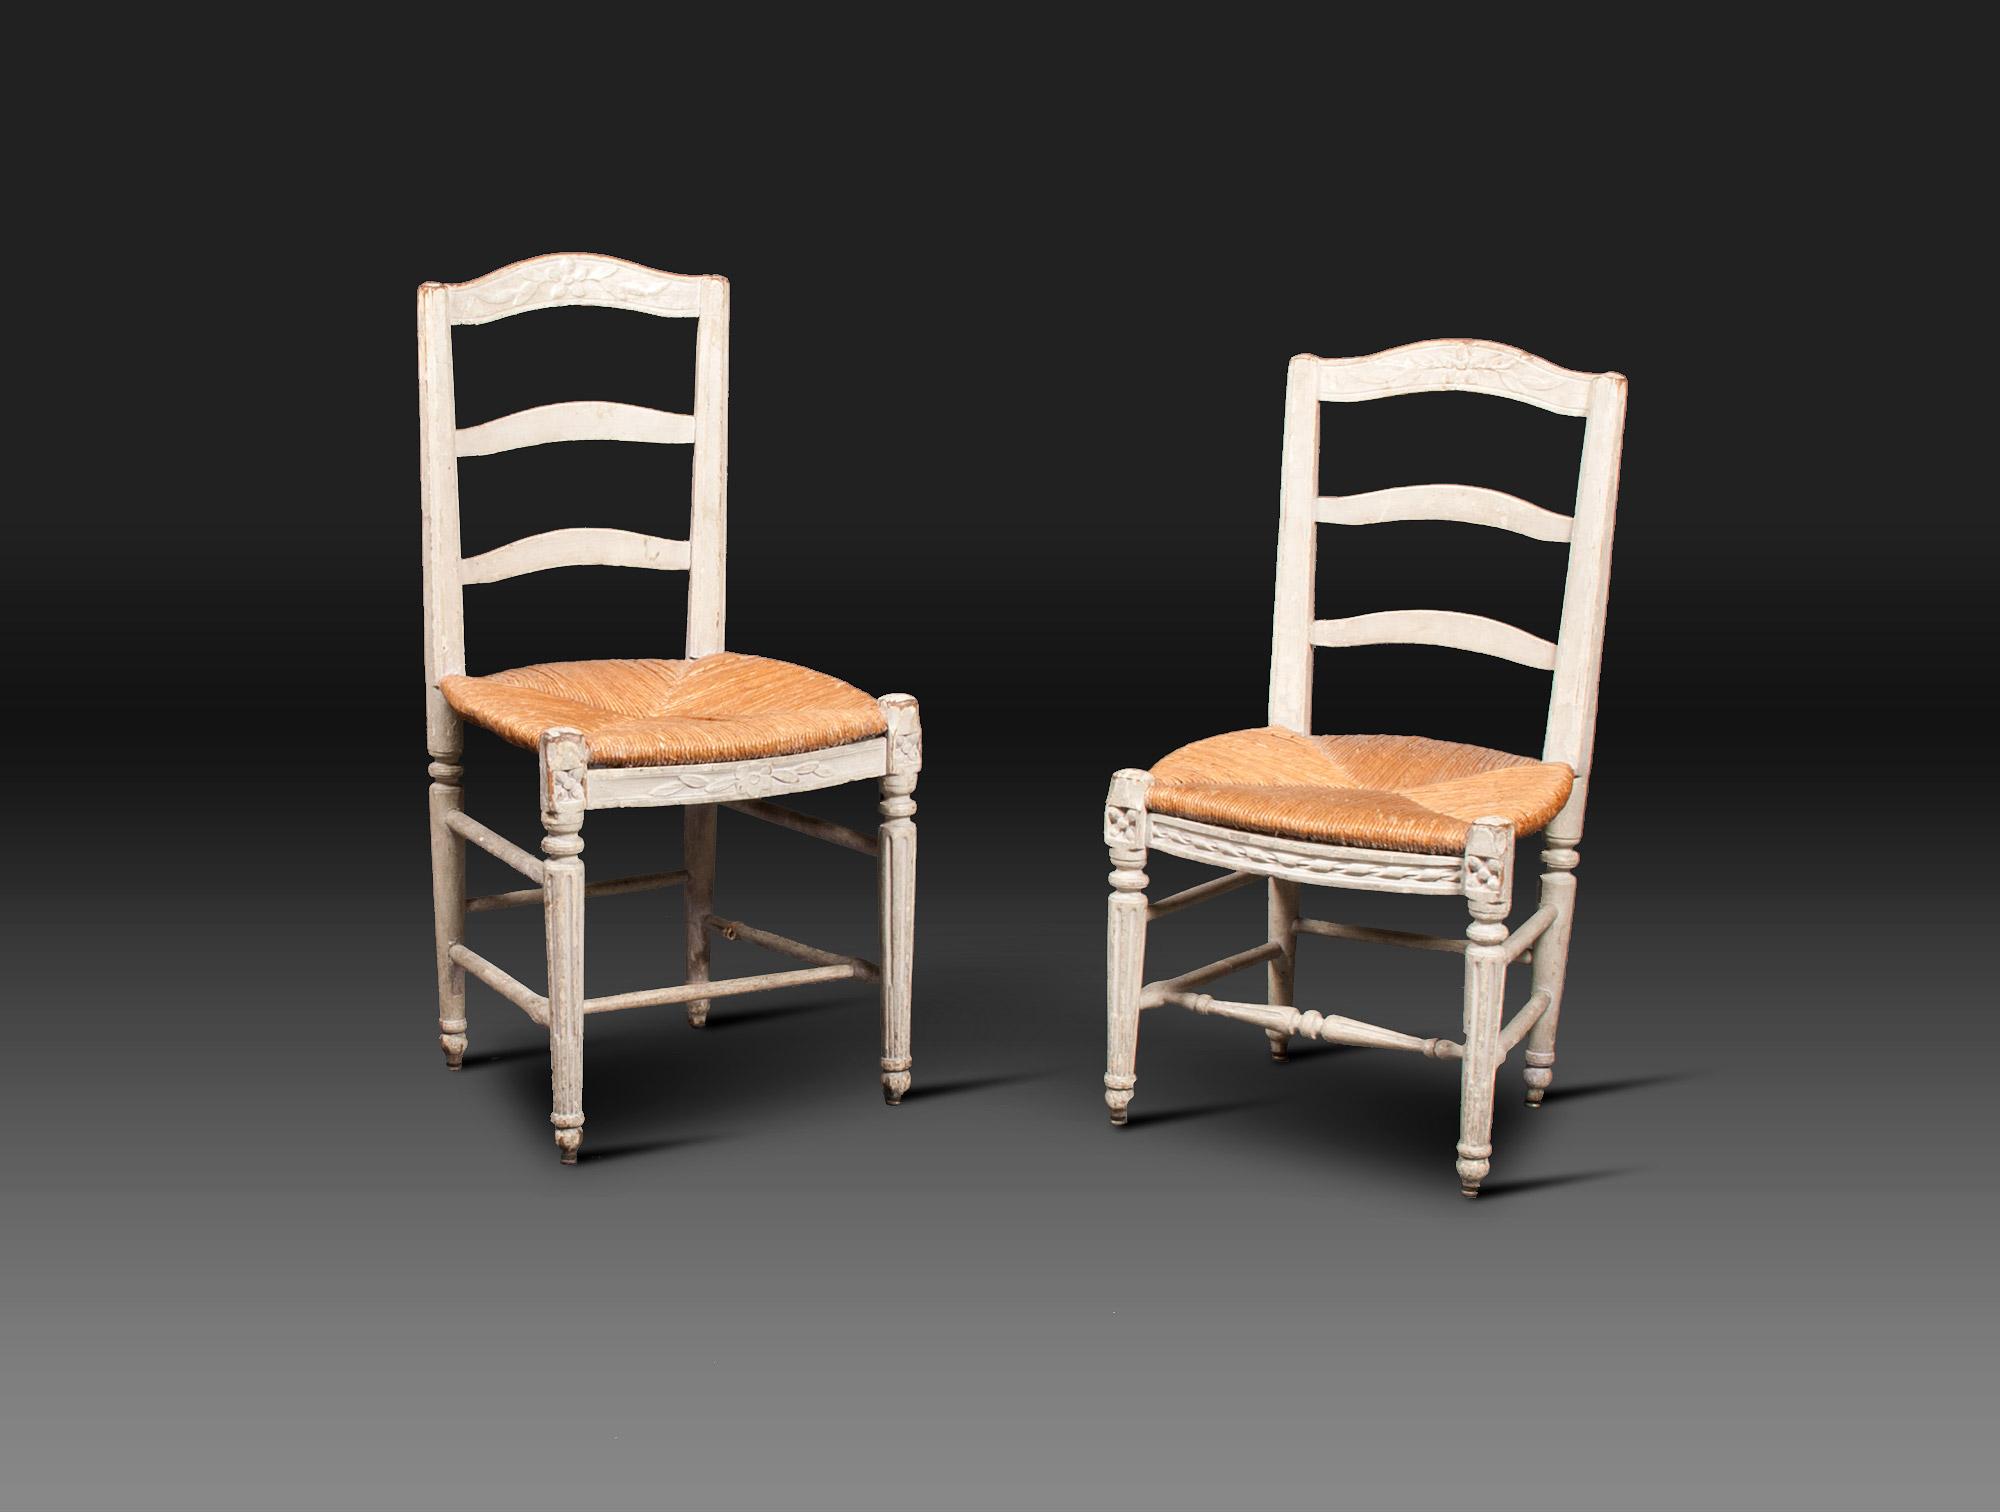 chaises rustiques laqu es blanc soubrier louer si ges chaise xviiie. Black Bedroom Furniture Sets. Home Design Ideas